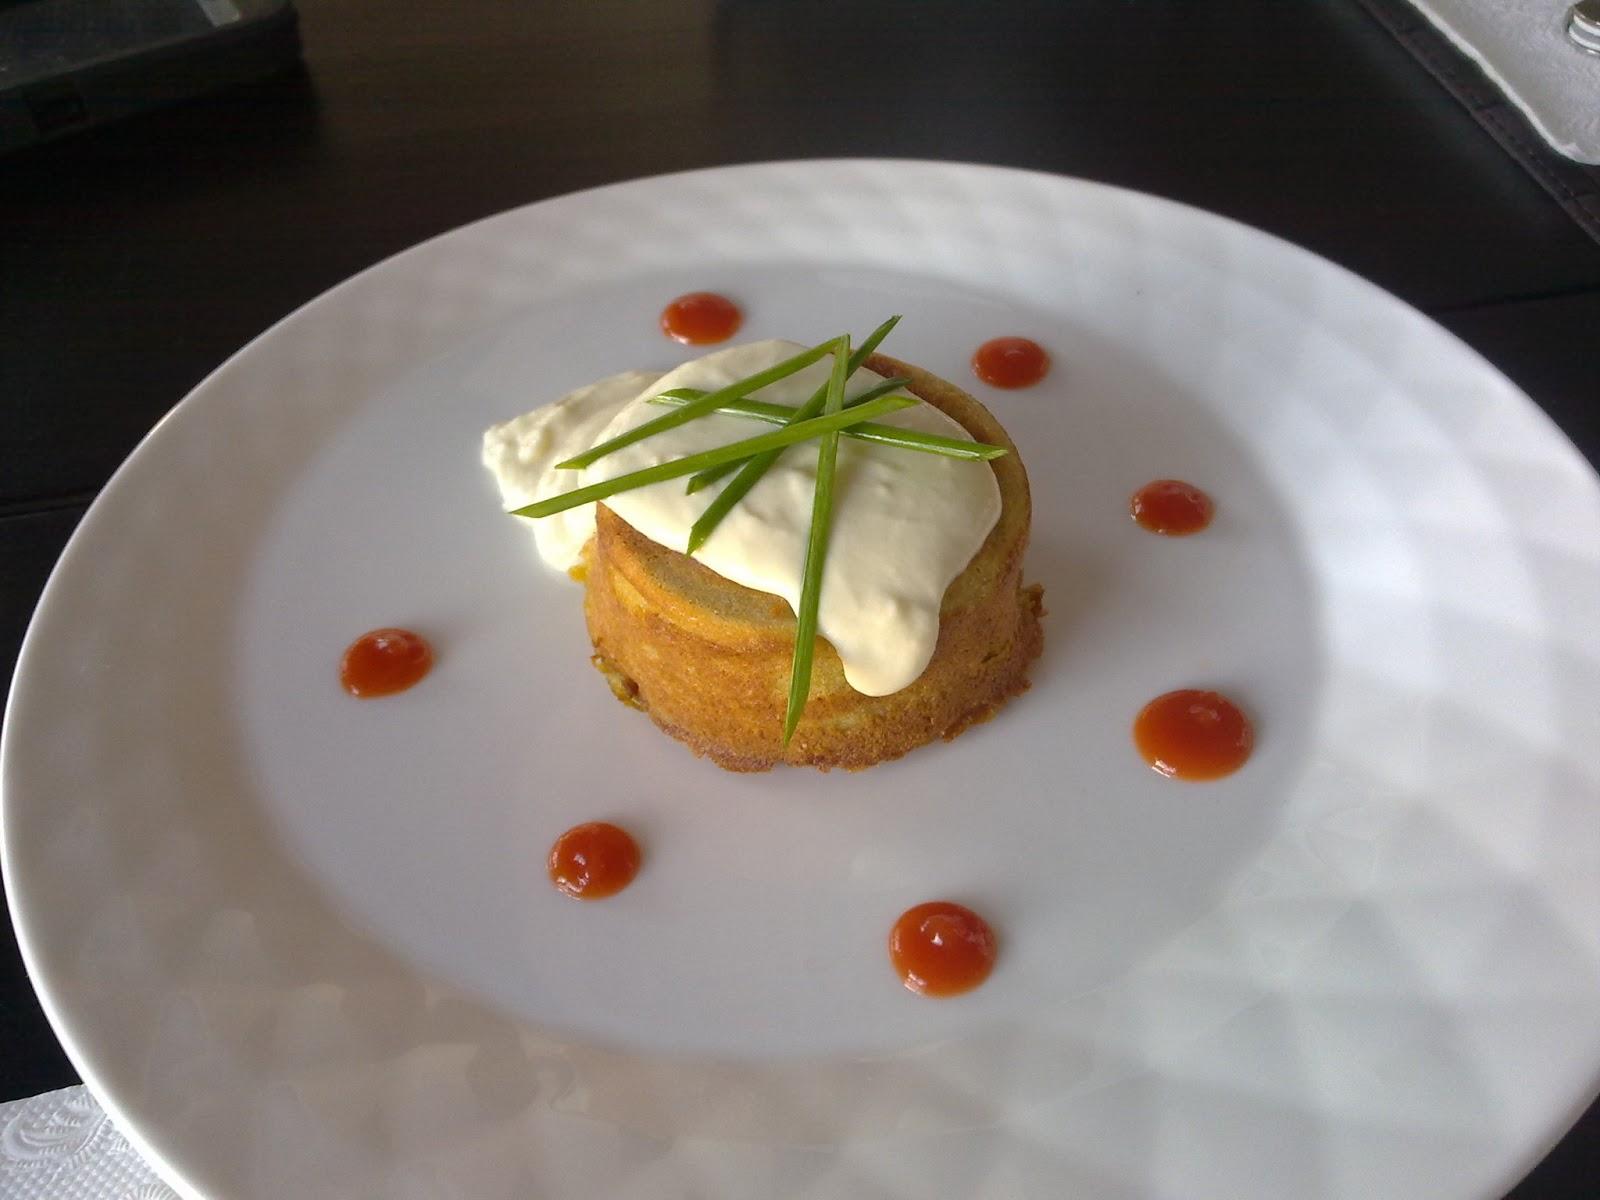 Presentazione piatti ristorante alta classe parte2 da la for Piatti ristorante